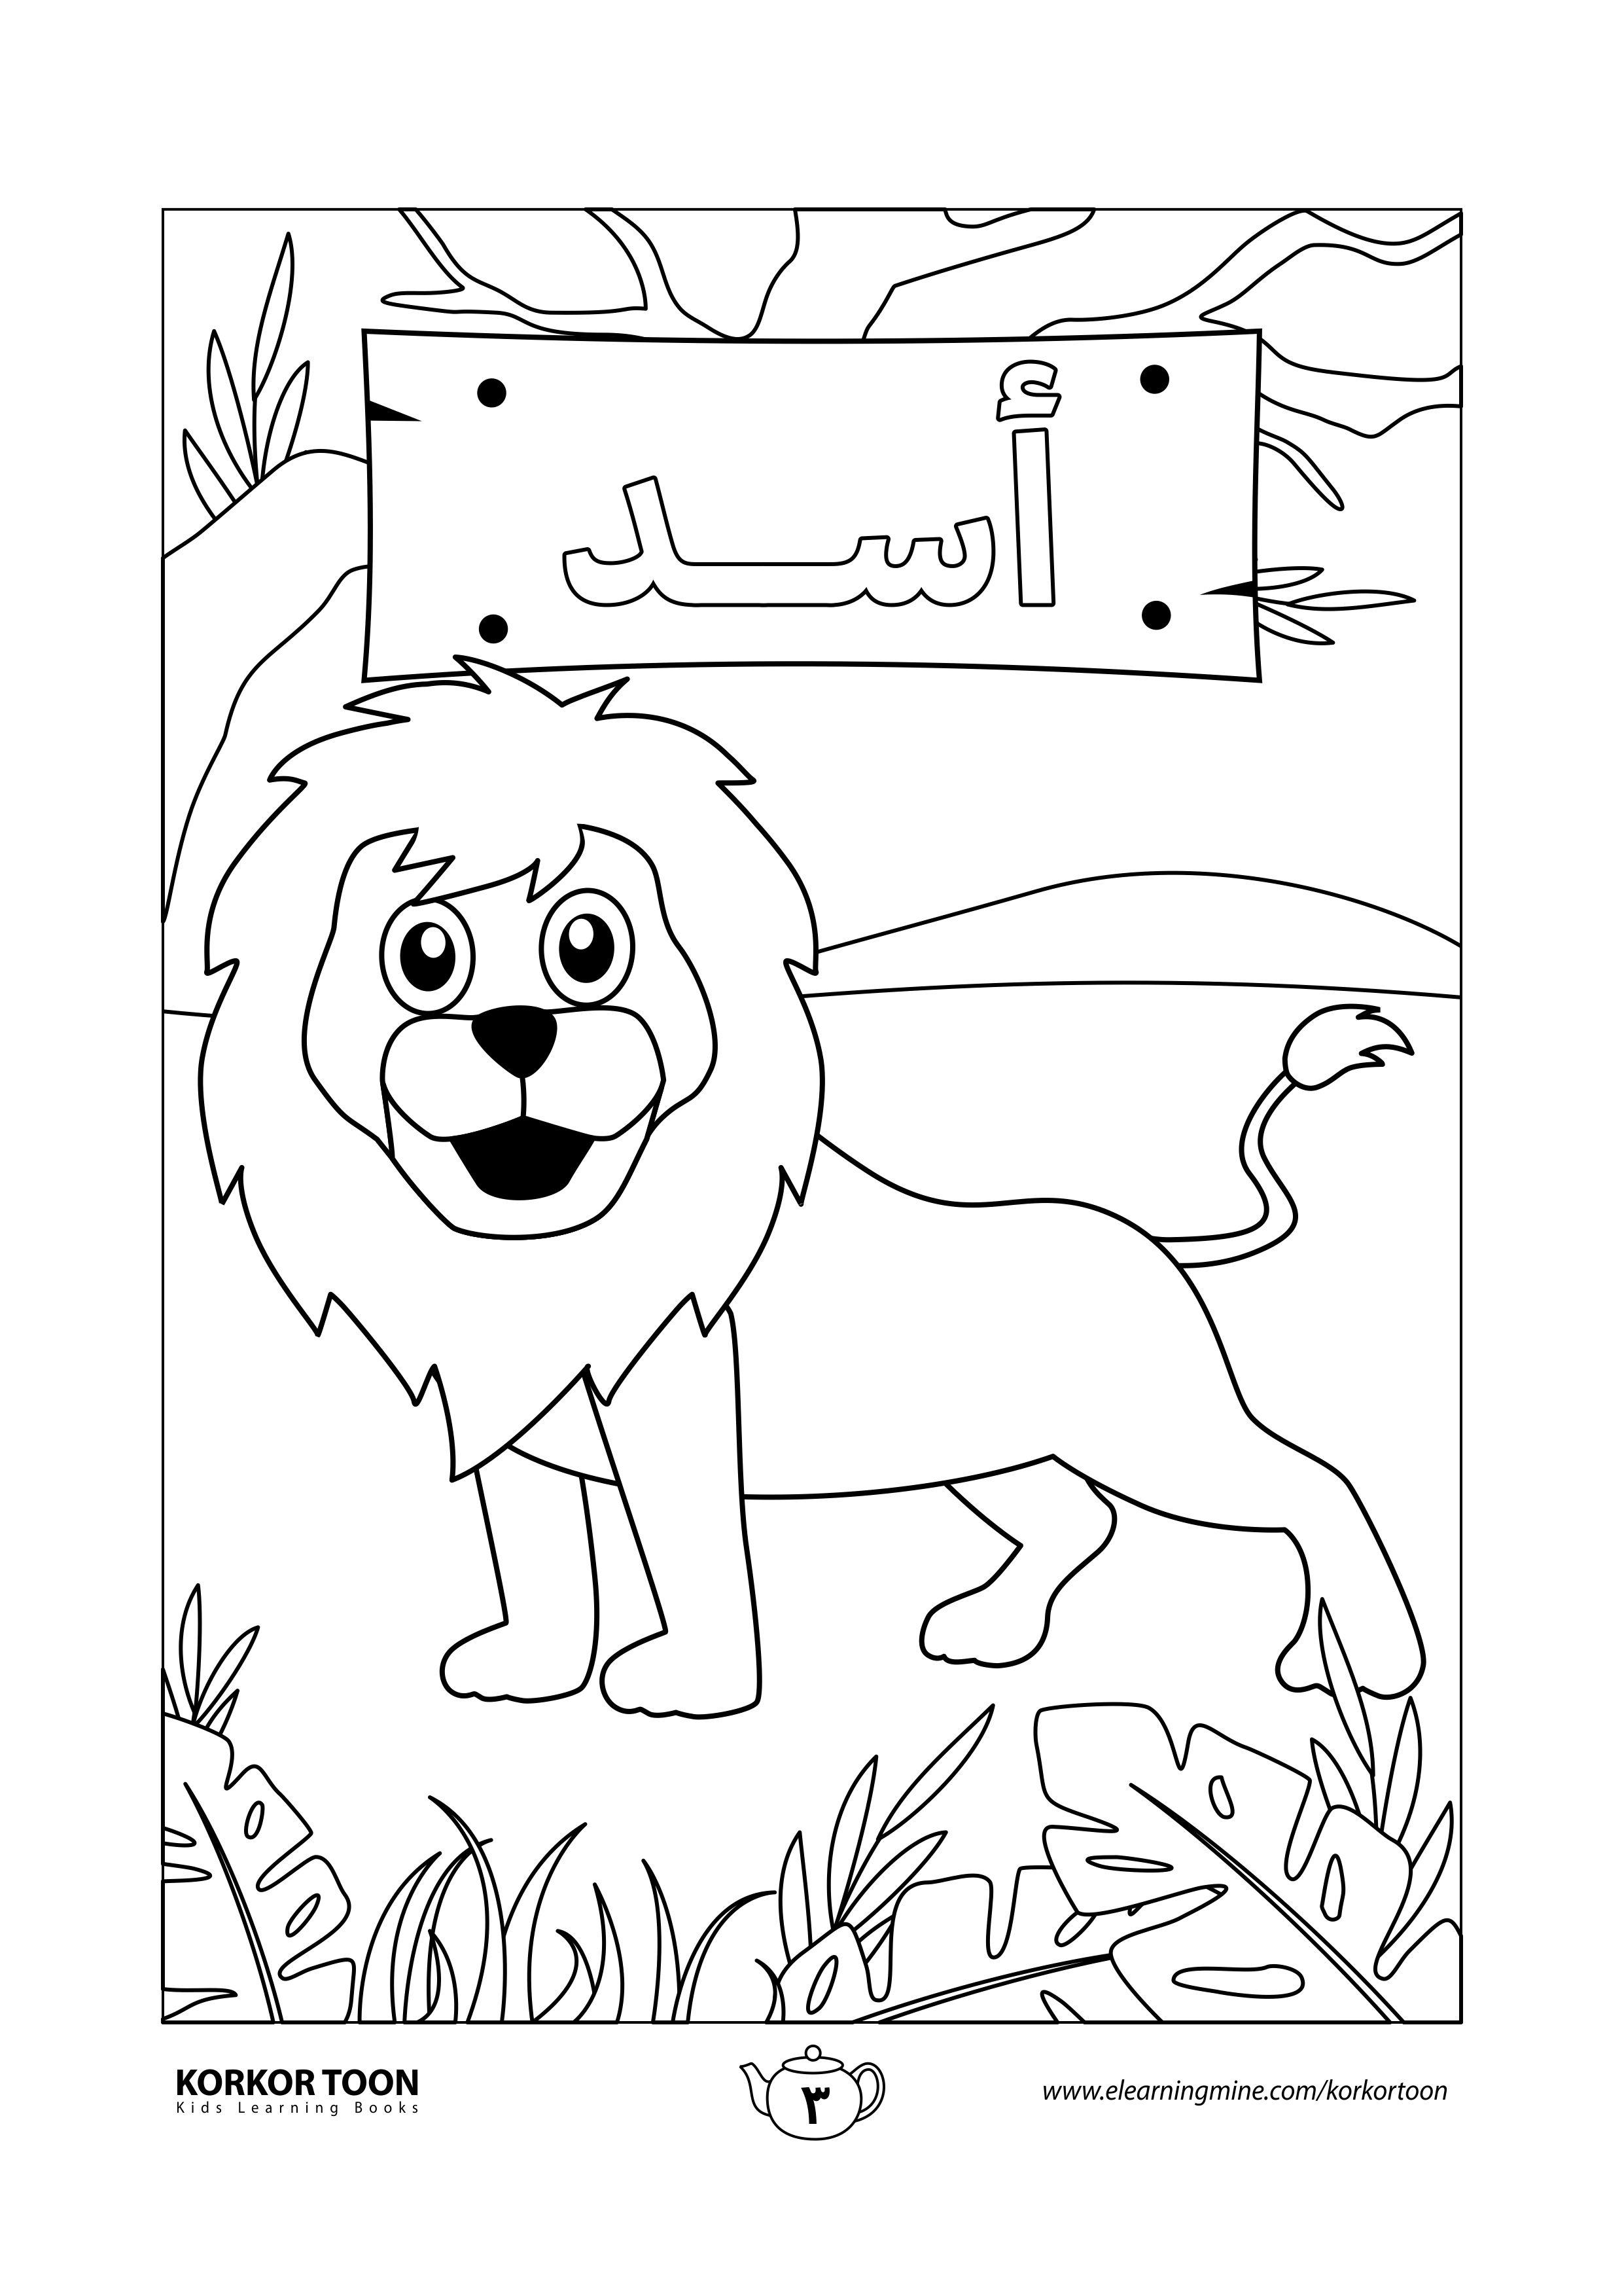 كتاب تلوين حيوانات الغابة صفحة تلوين الأسد In 2021 Coloring Books Jungle Animals Animal Coloring Books